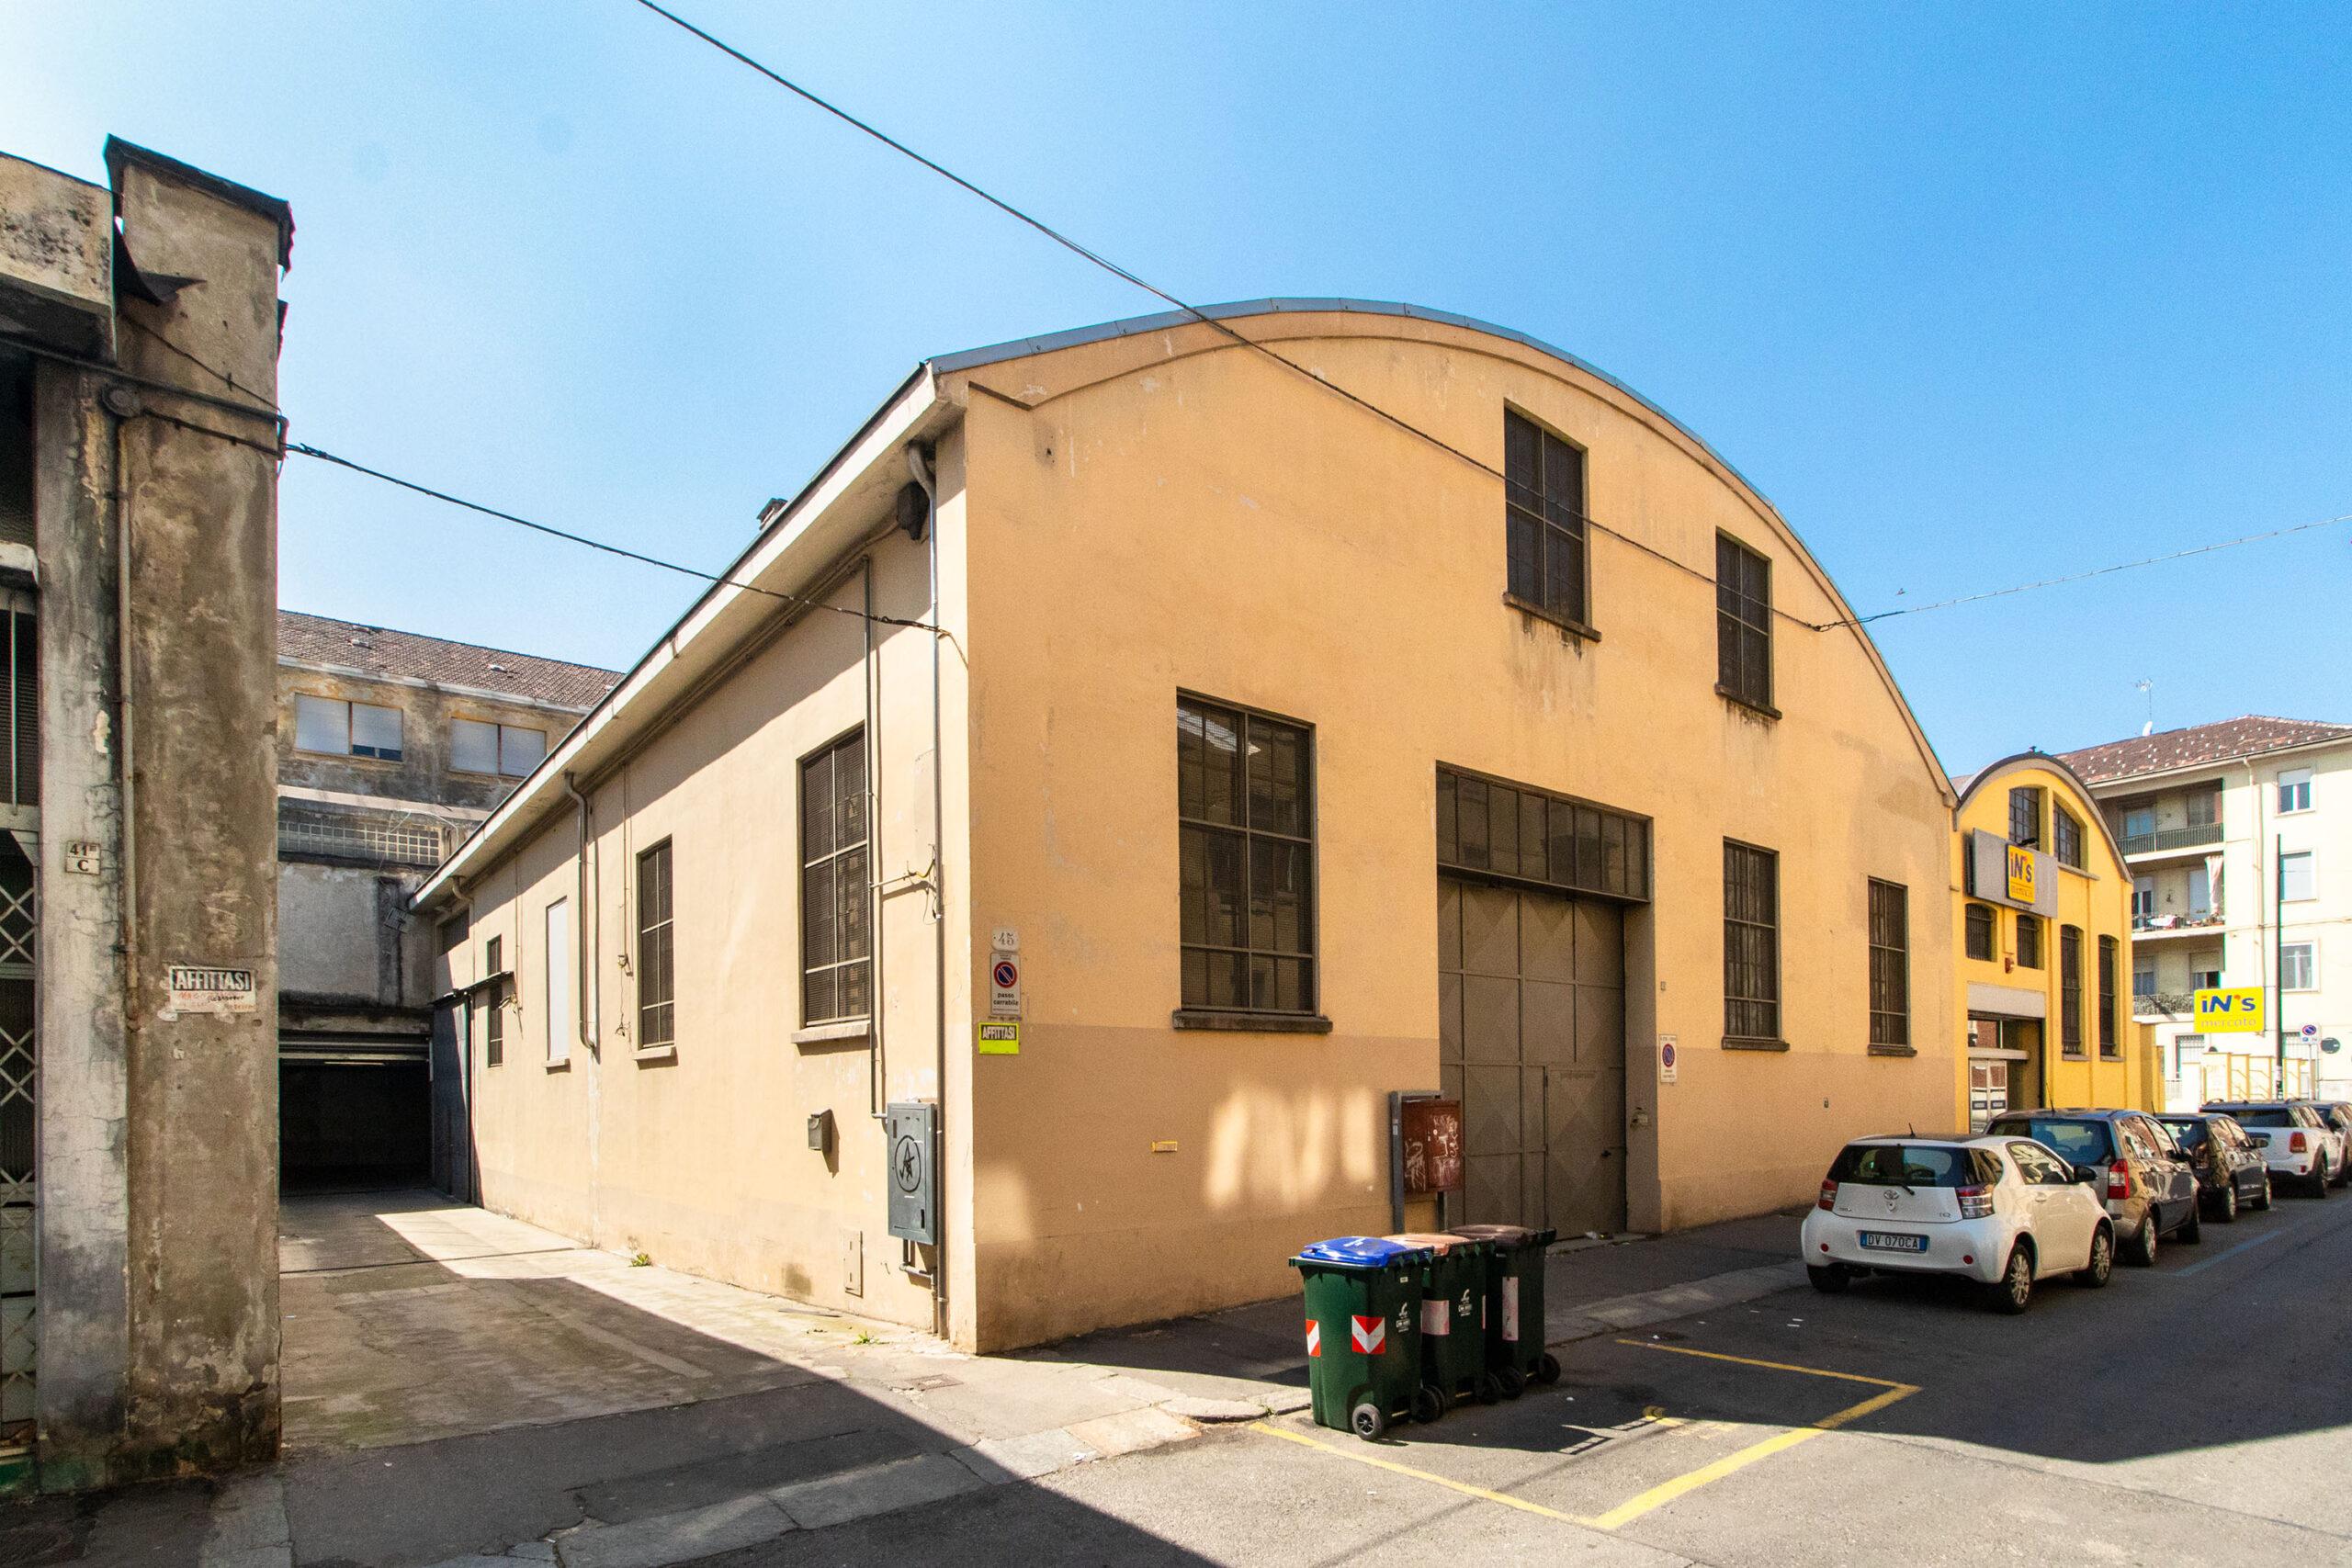 Locale commerciale: Via Principessa Clotilde, 45, San Donato, Torino